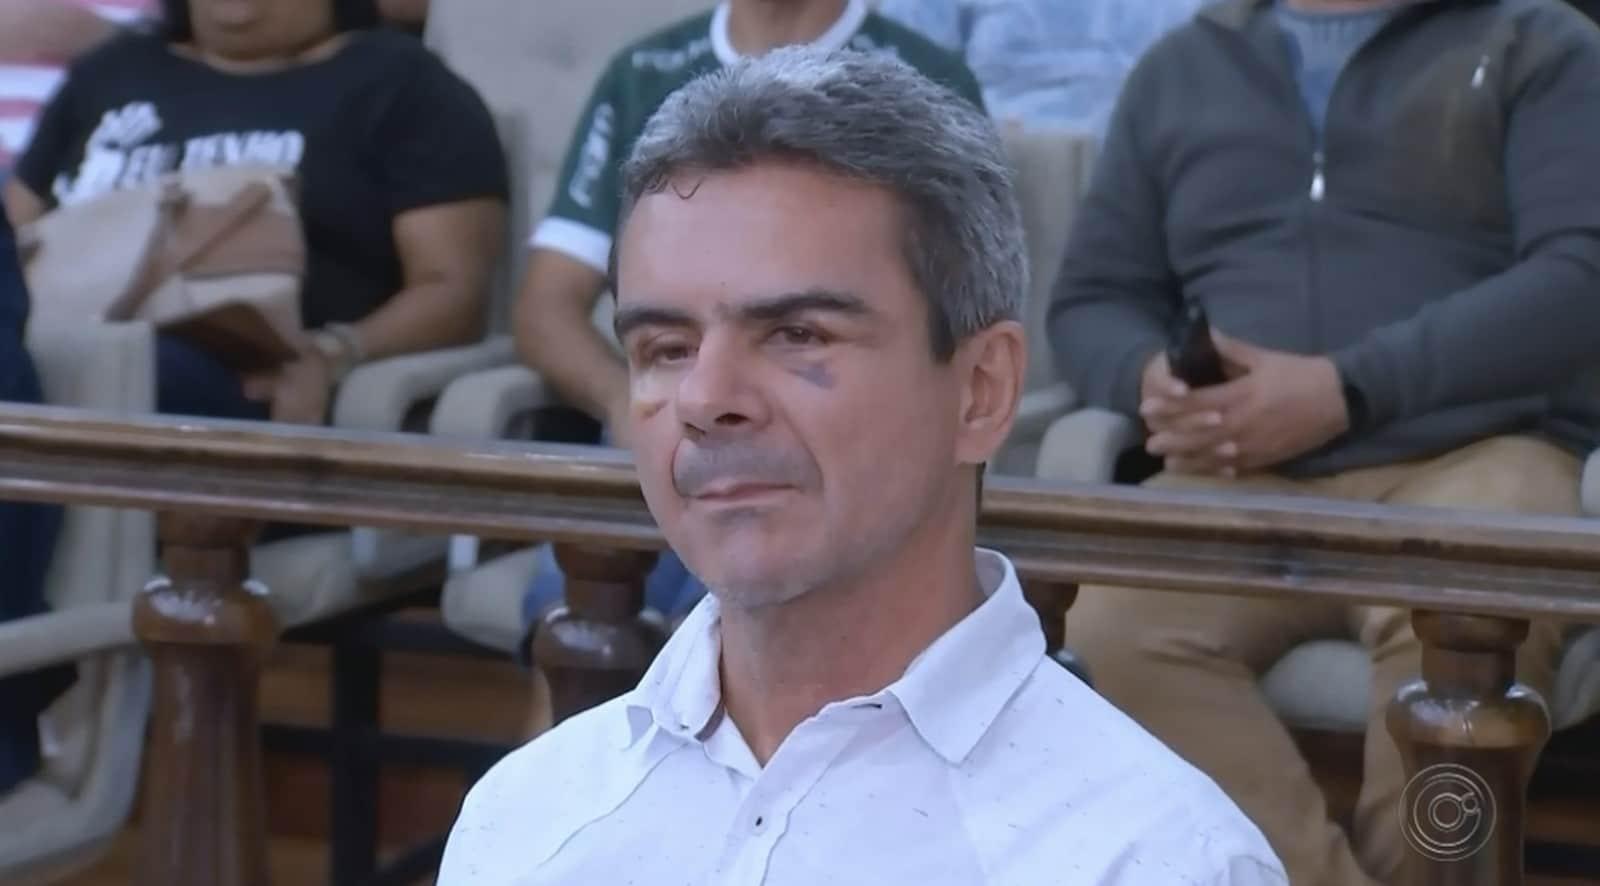 Câmara aprova processo de cassação de Prefeito de Tupã — Foto: TV TEM/Reprodução